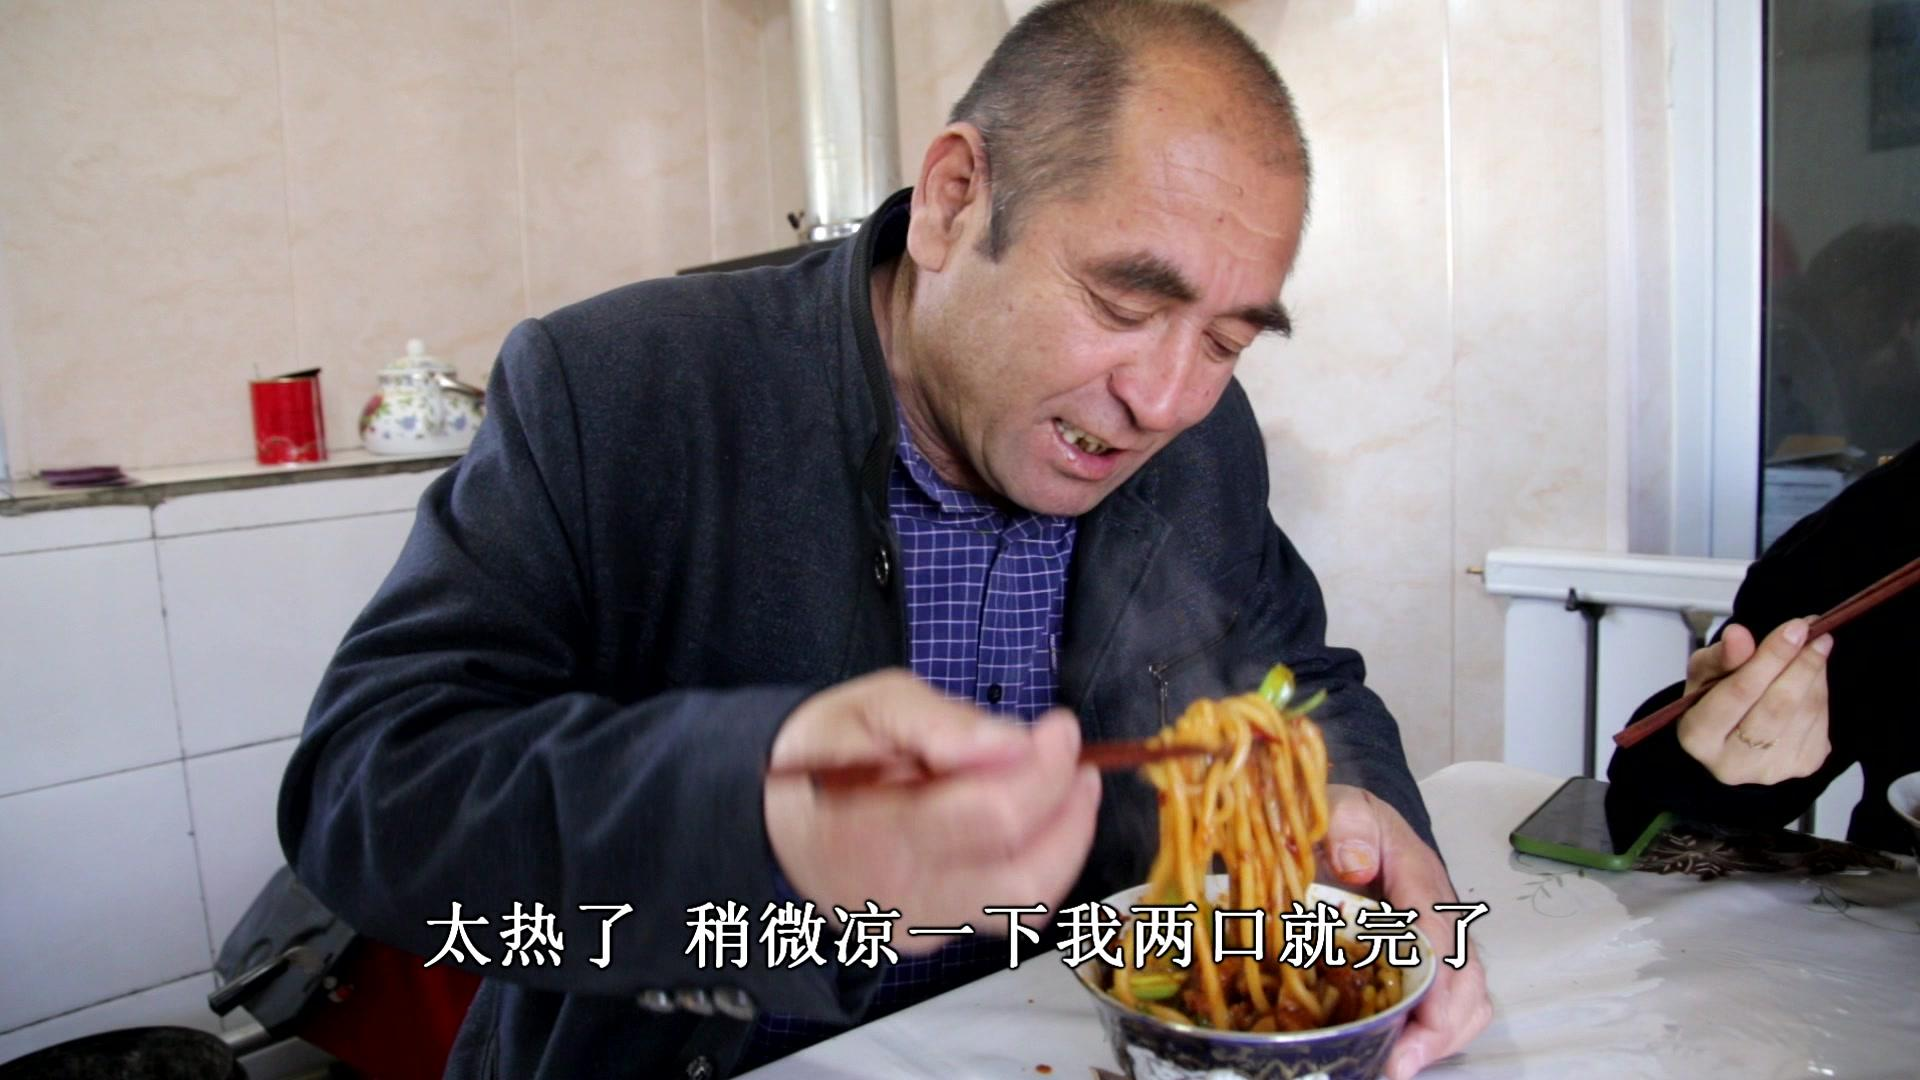 新疆老爸和丫头比赛吃米粉,辣的直冒汗仍然停不下嘴,看着都过瘾